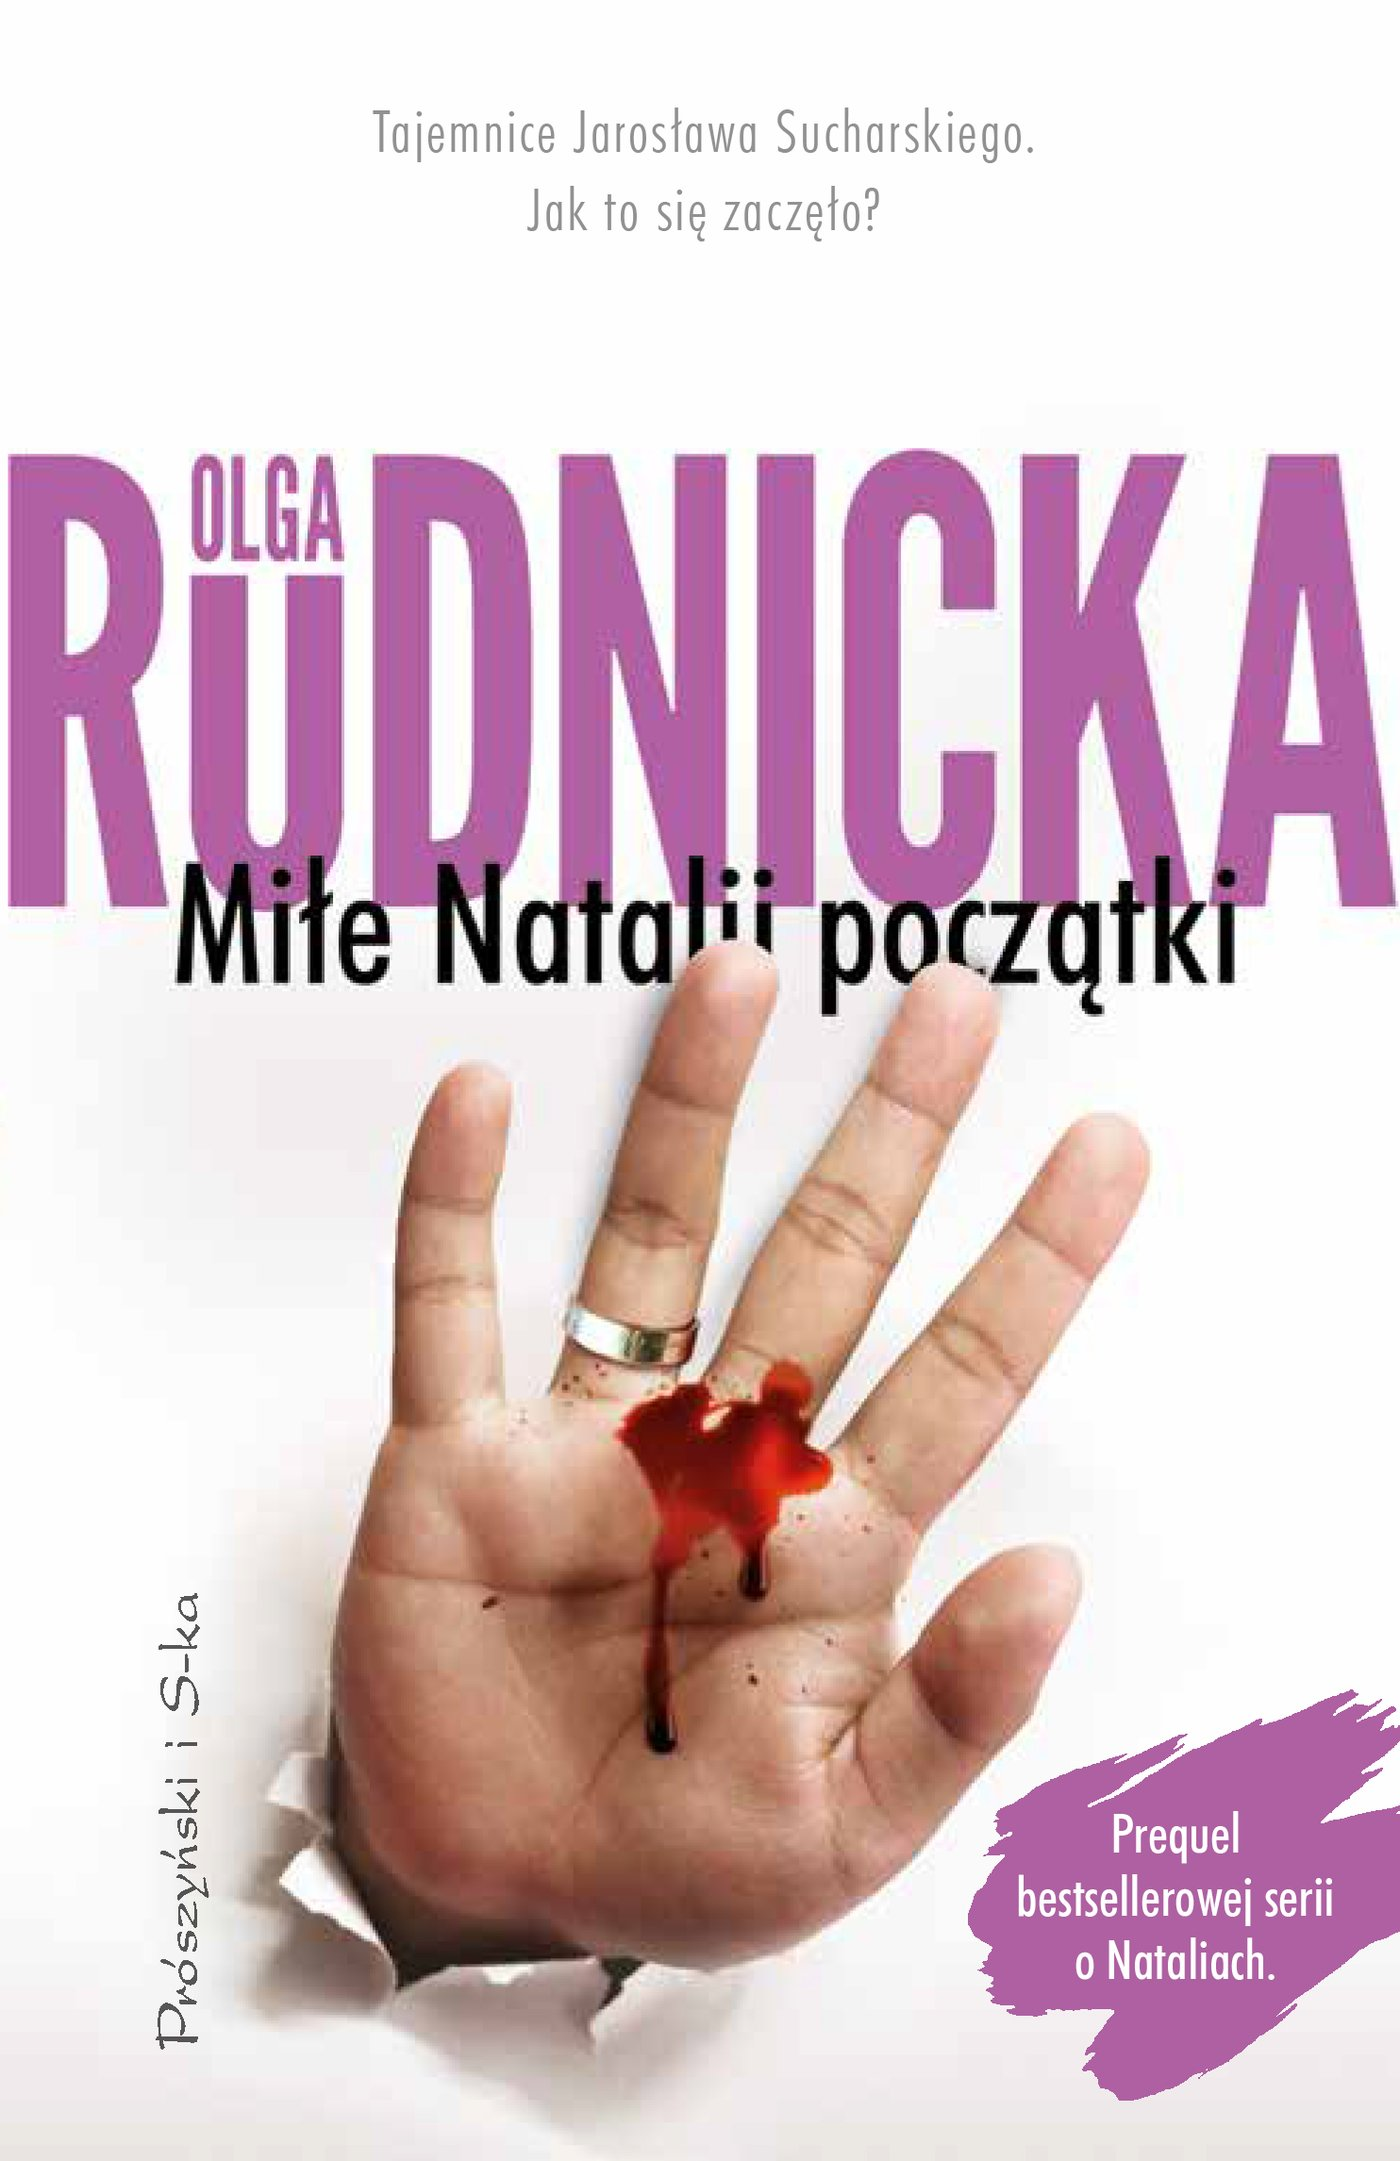 Miłe Natalii początki - Ebook (Książka na Kindle) do pobrania w formacie MOBI